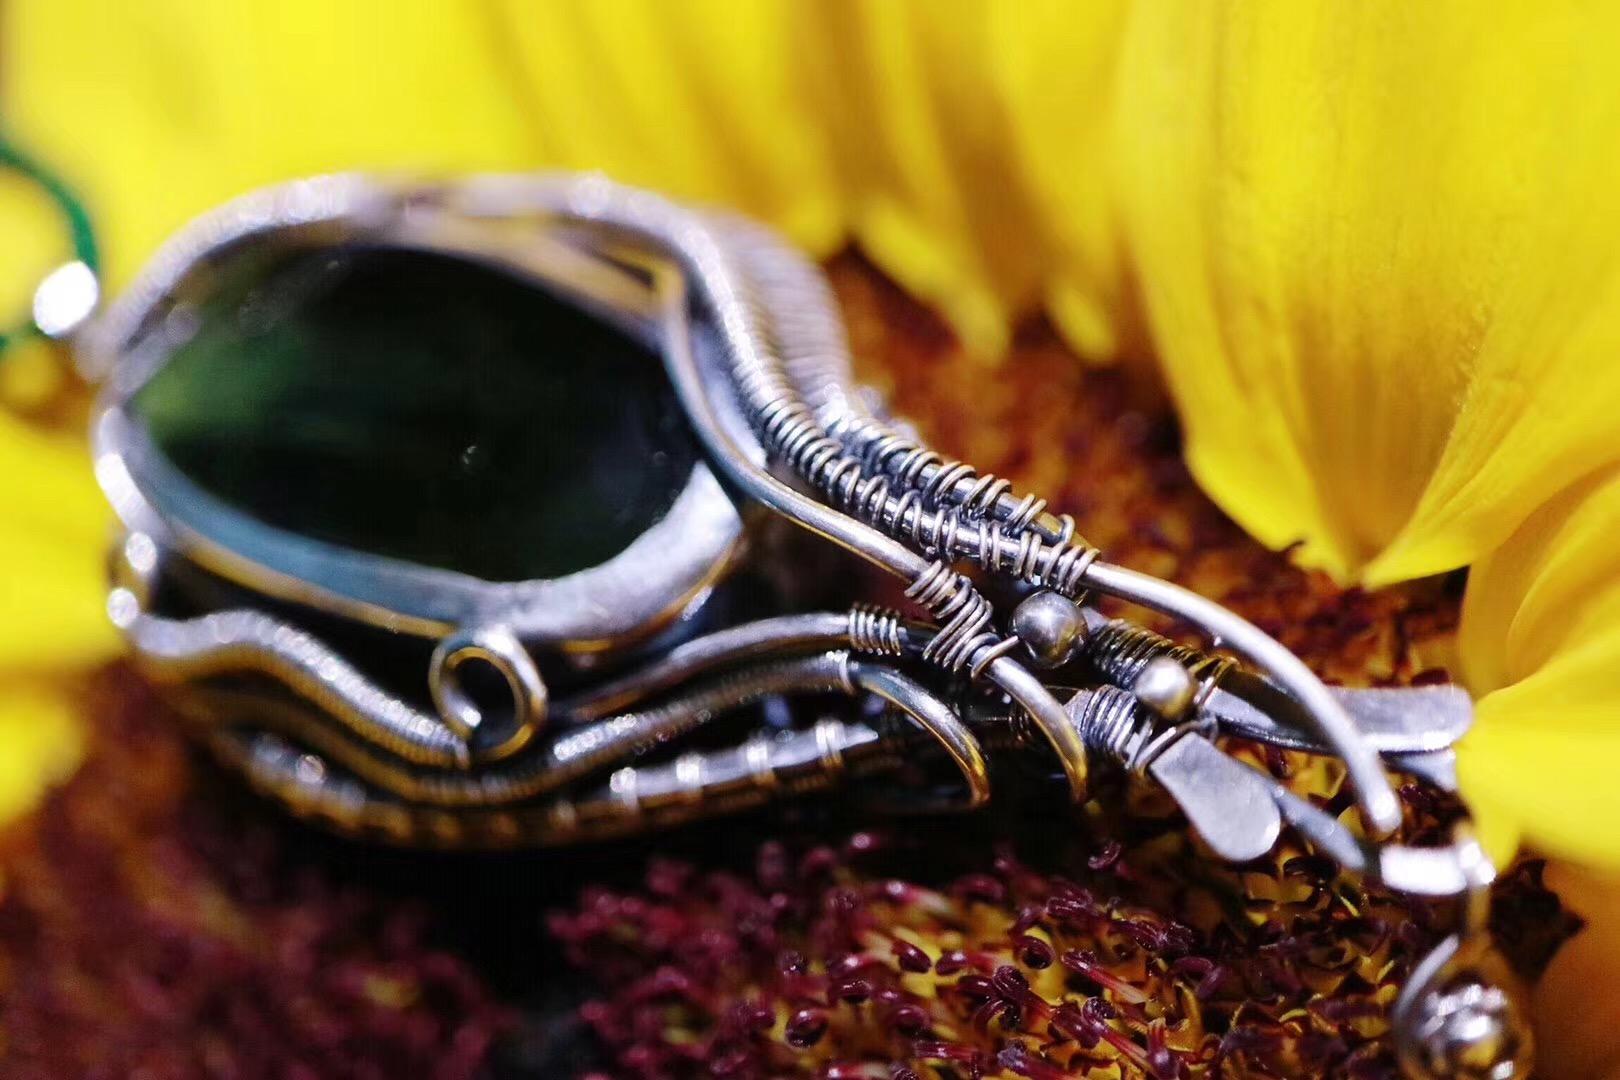 【菩心 | 捷克陨石】给心灵一米阳光,温暖安放-菩心晶舍